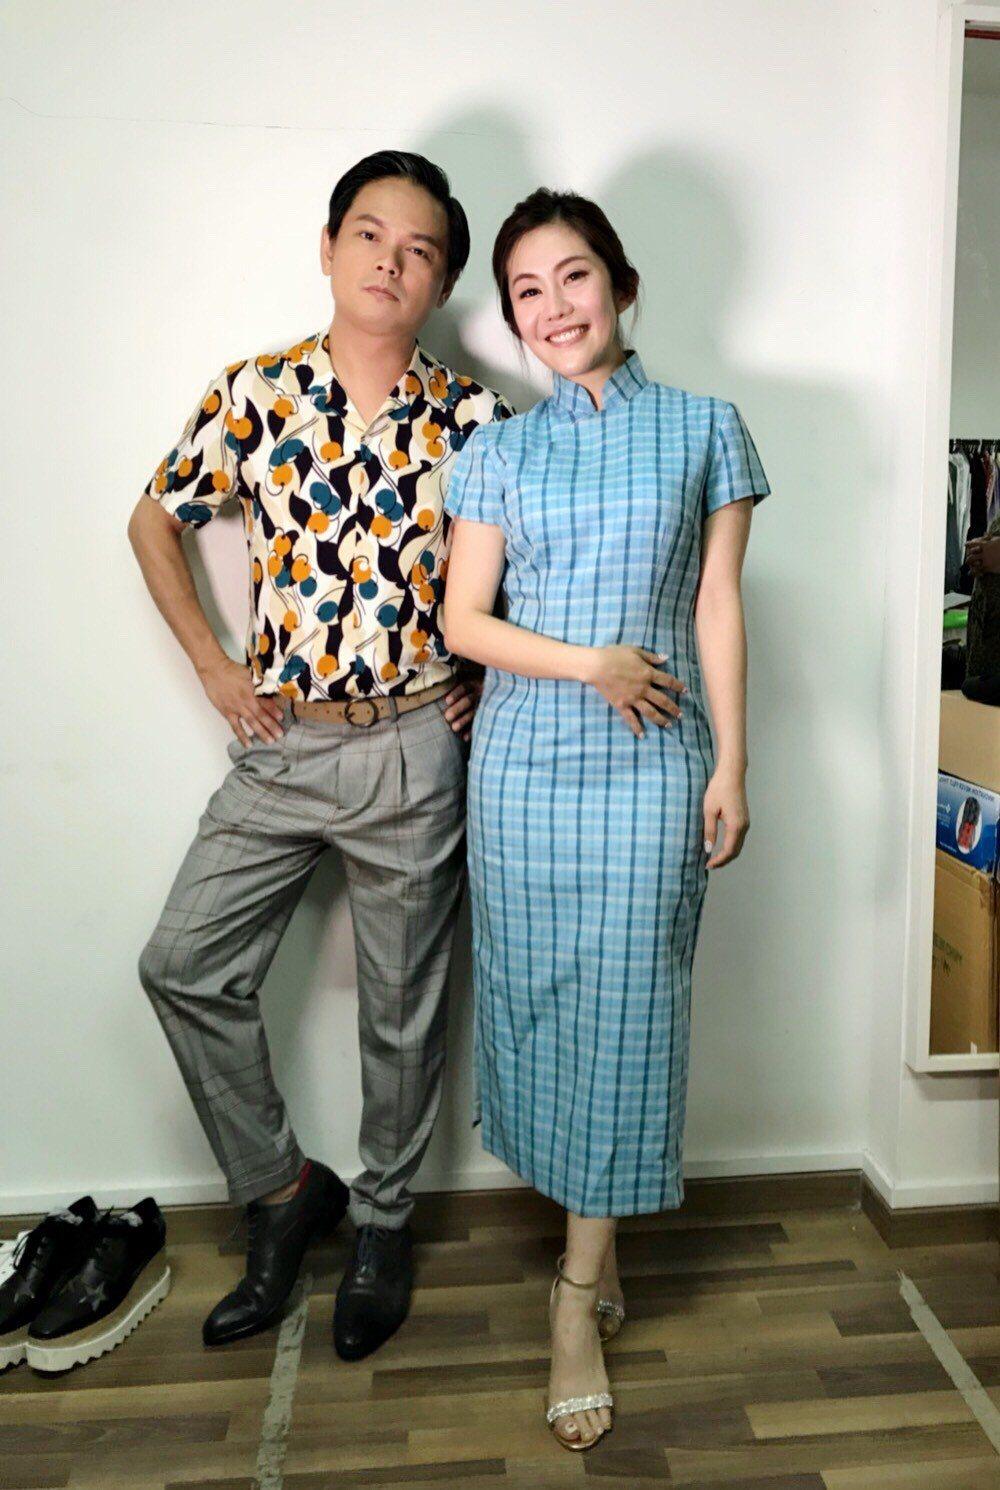 王宇婕(右)到新加坡拍網劇,男主角是新加坡喜劇之王周崇慶  圖/星之國際提供